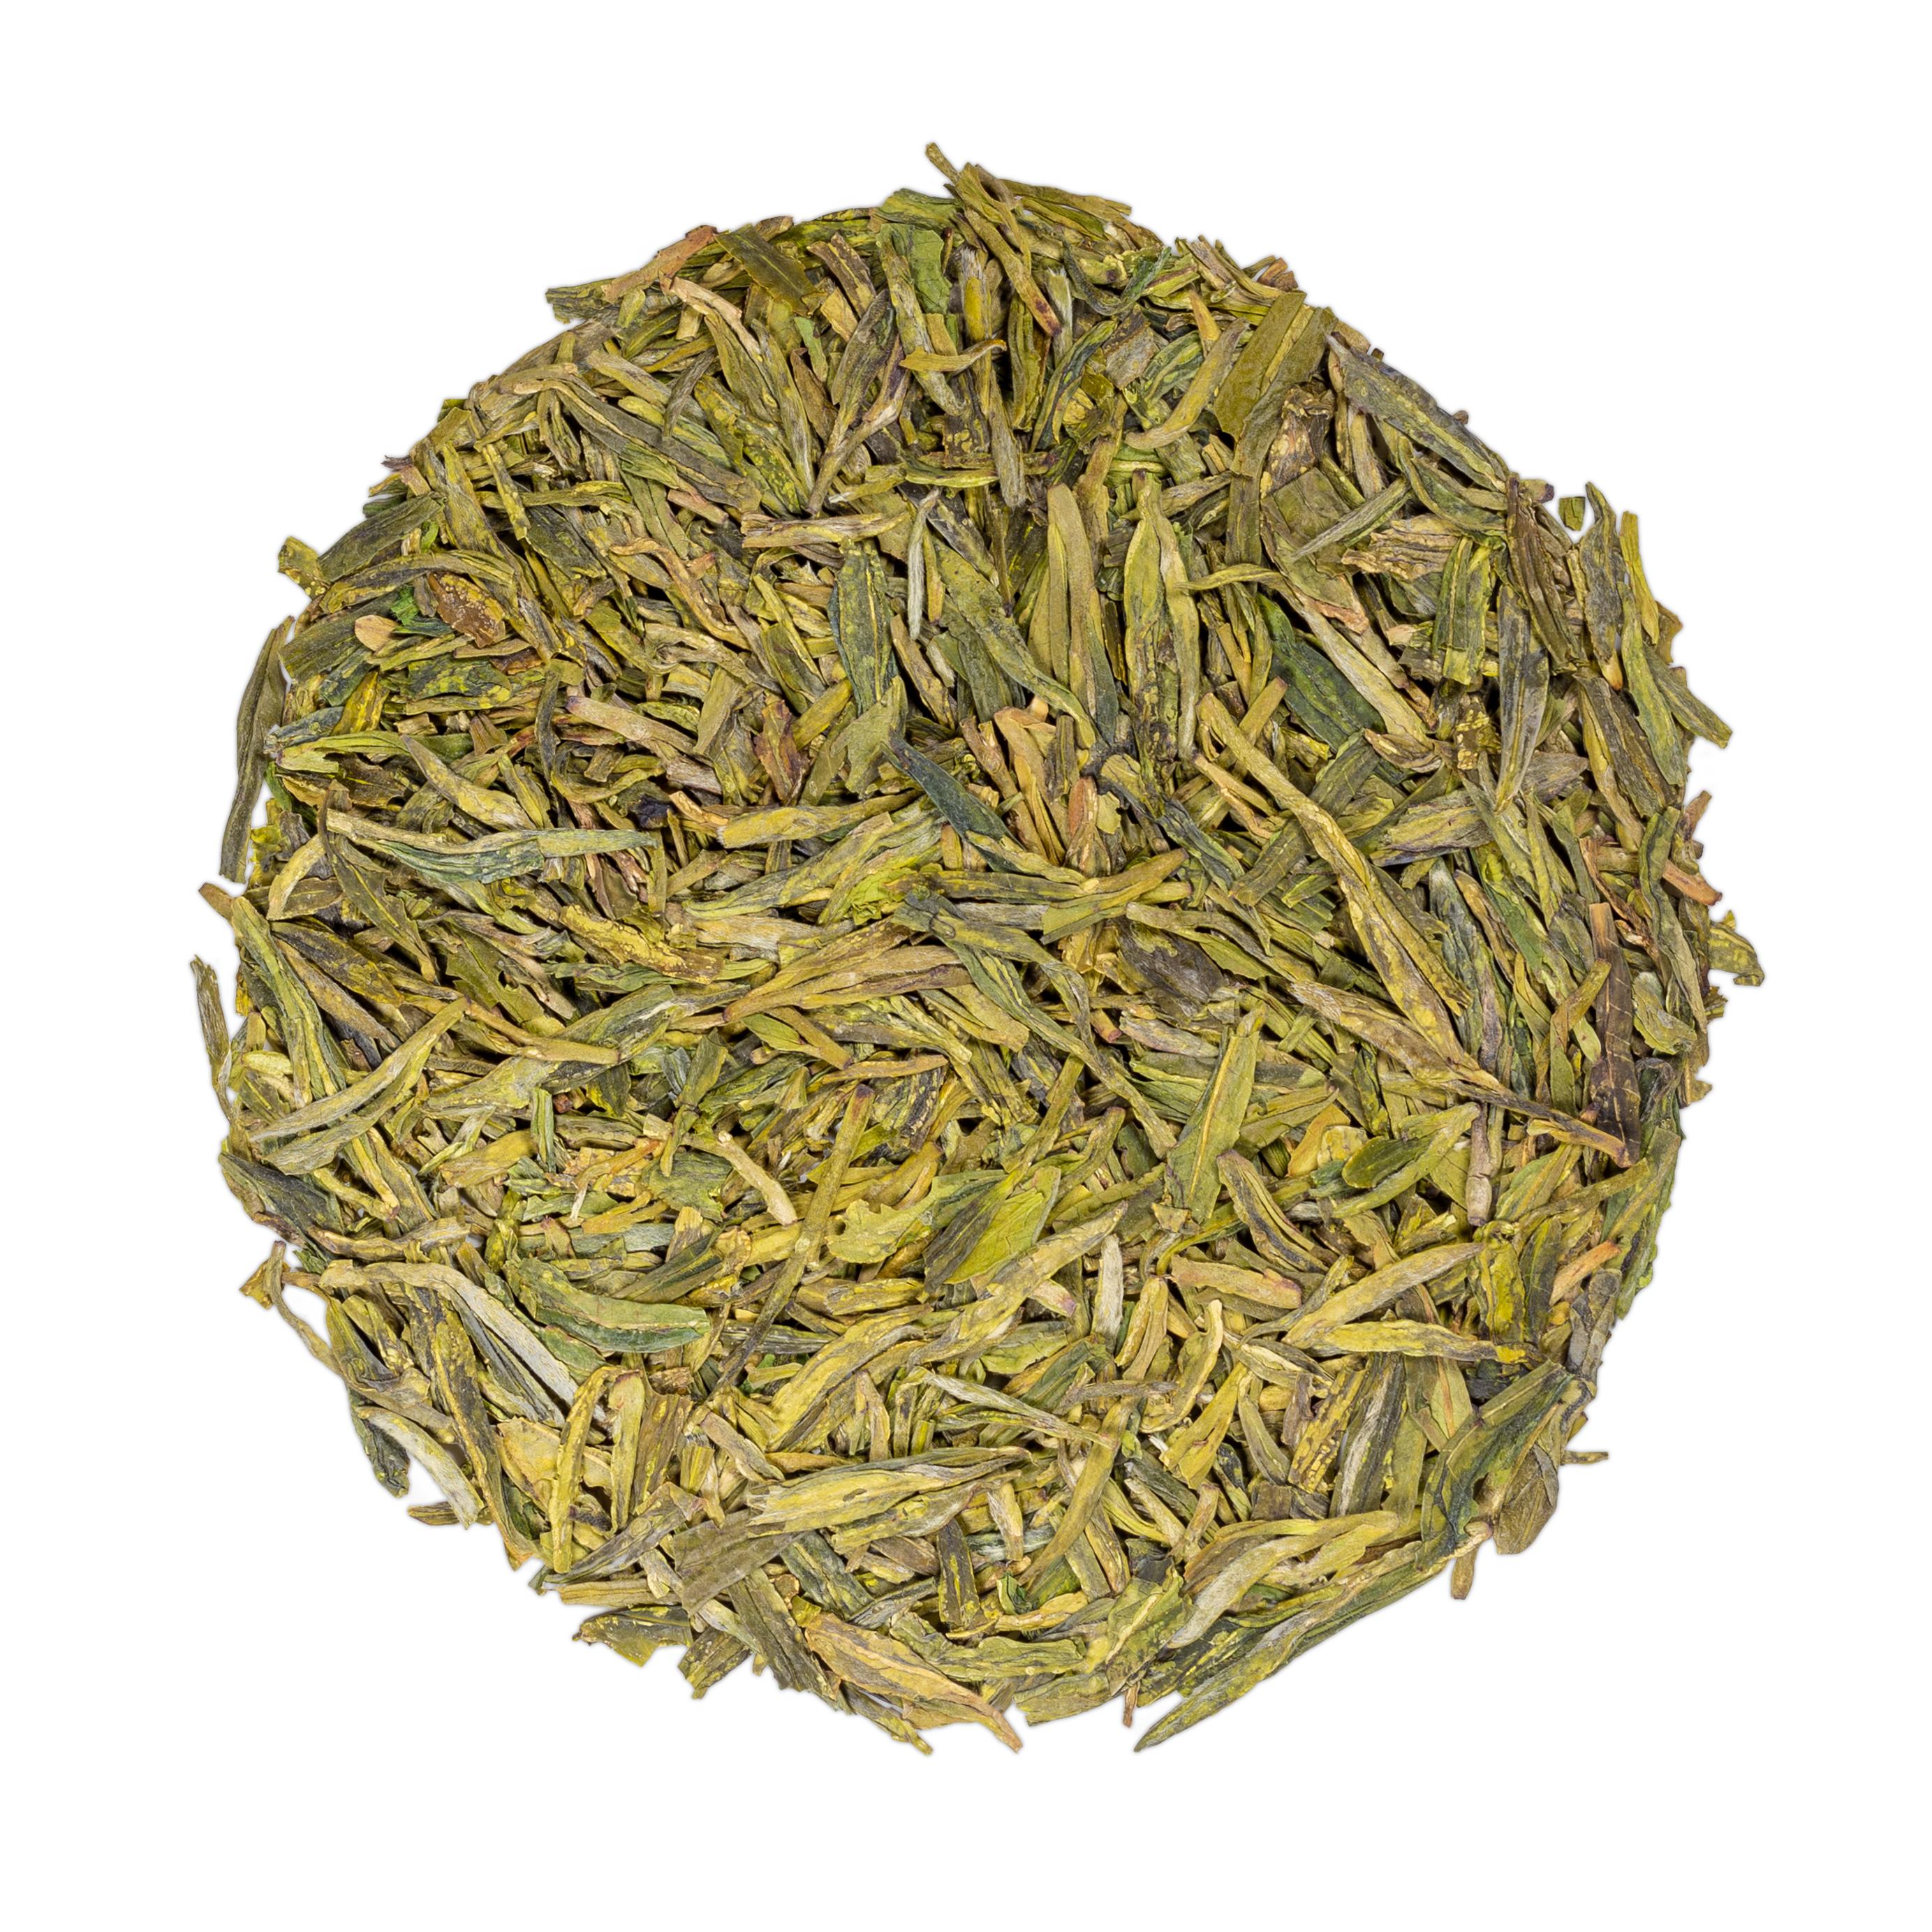 KUSMI TEA Long Jing, Hangzhou Zhejiang bio - Thé vert de Chine - Thé en vrac - Kusmi Tea